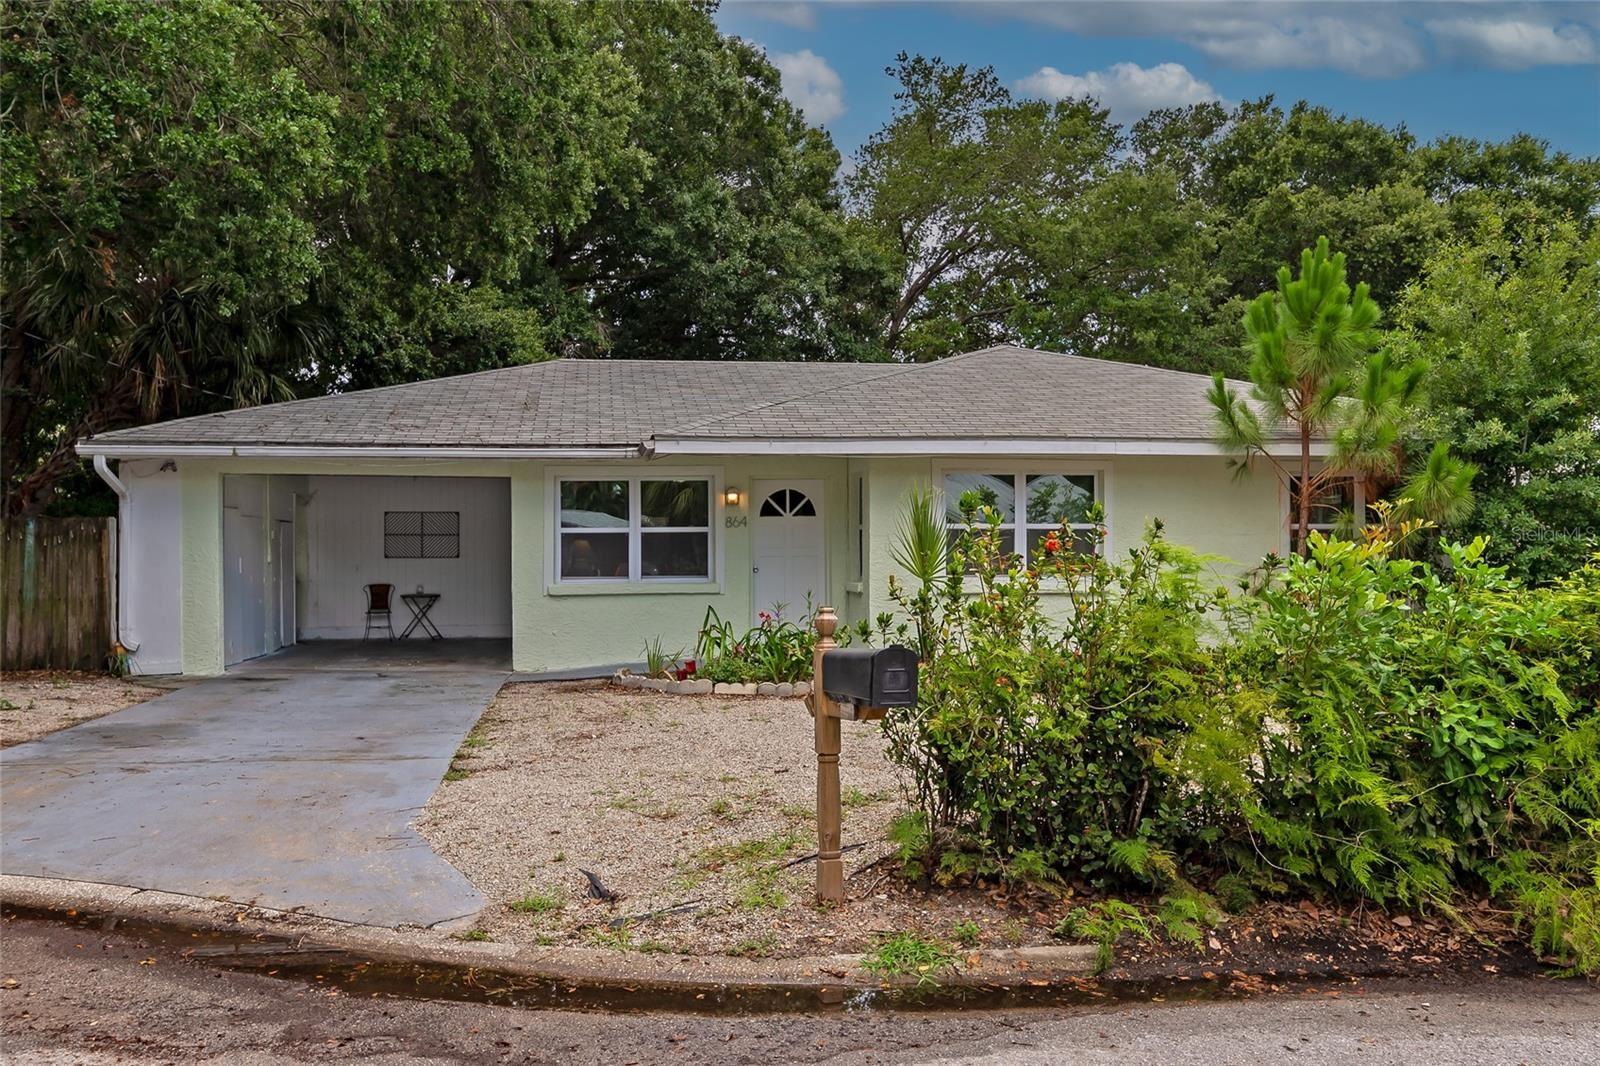 Photo of 864 41ST STREET, SARASOTA, FL 34234 (MLS # A4505820)